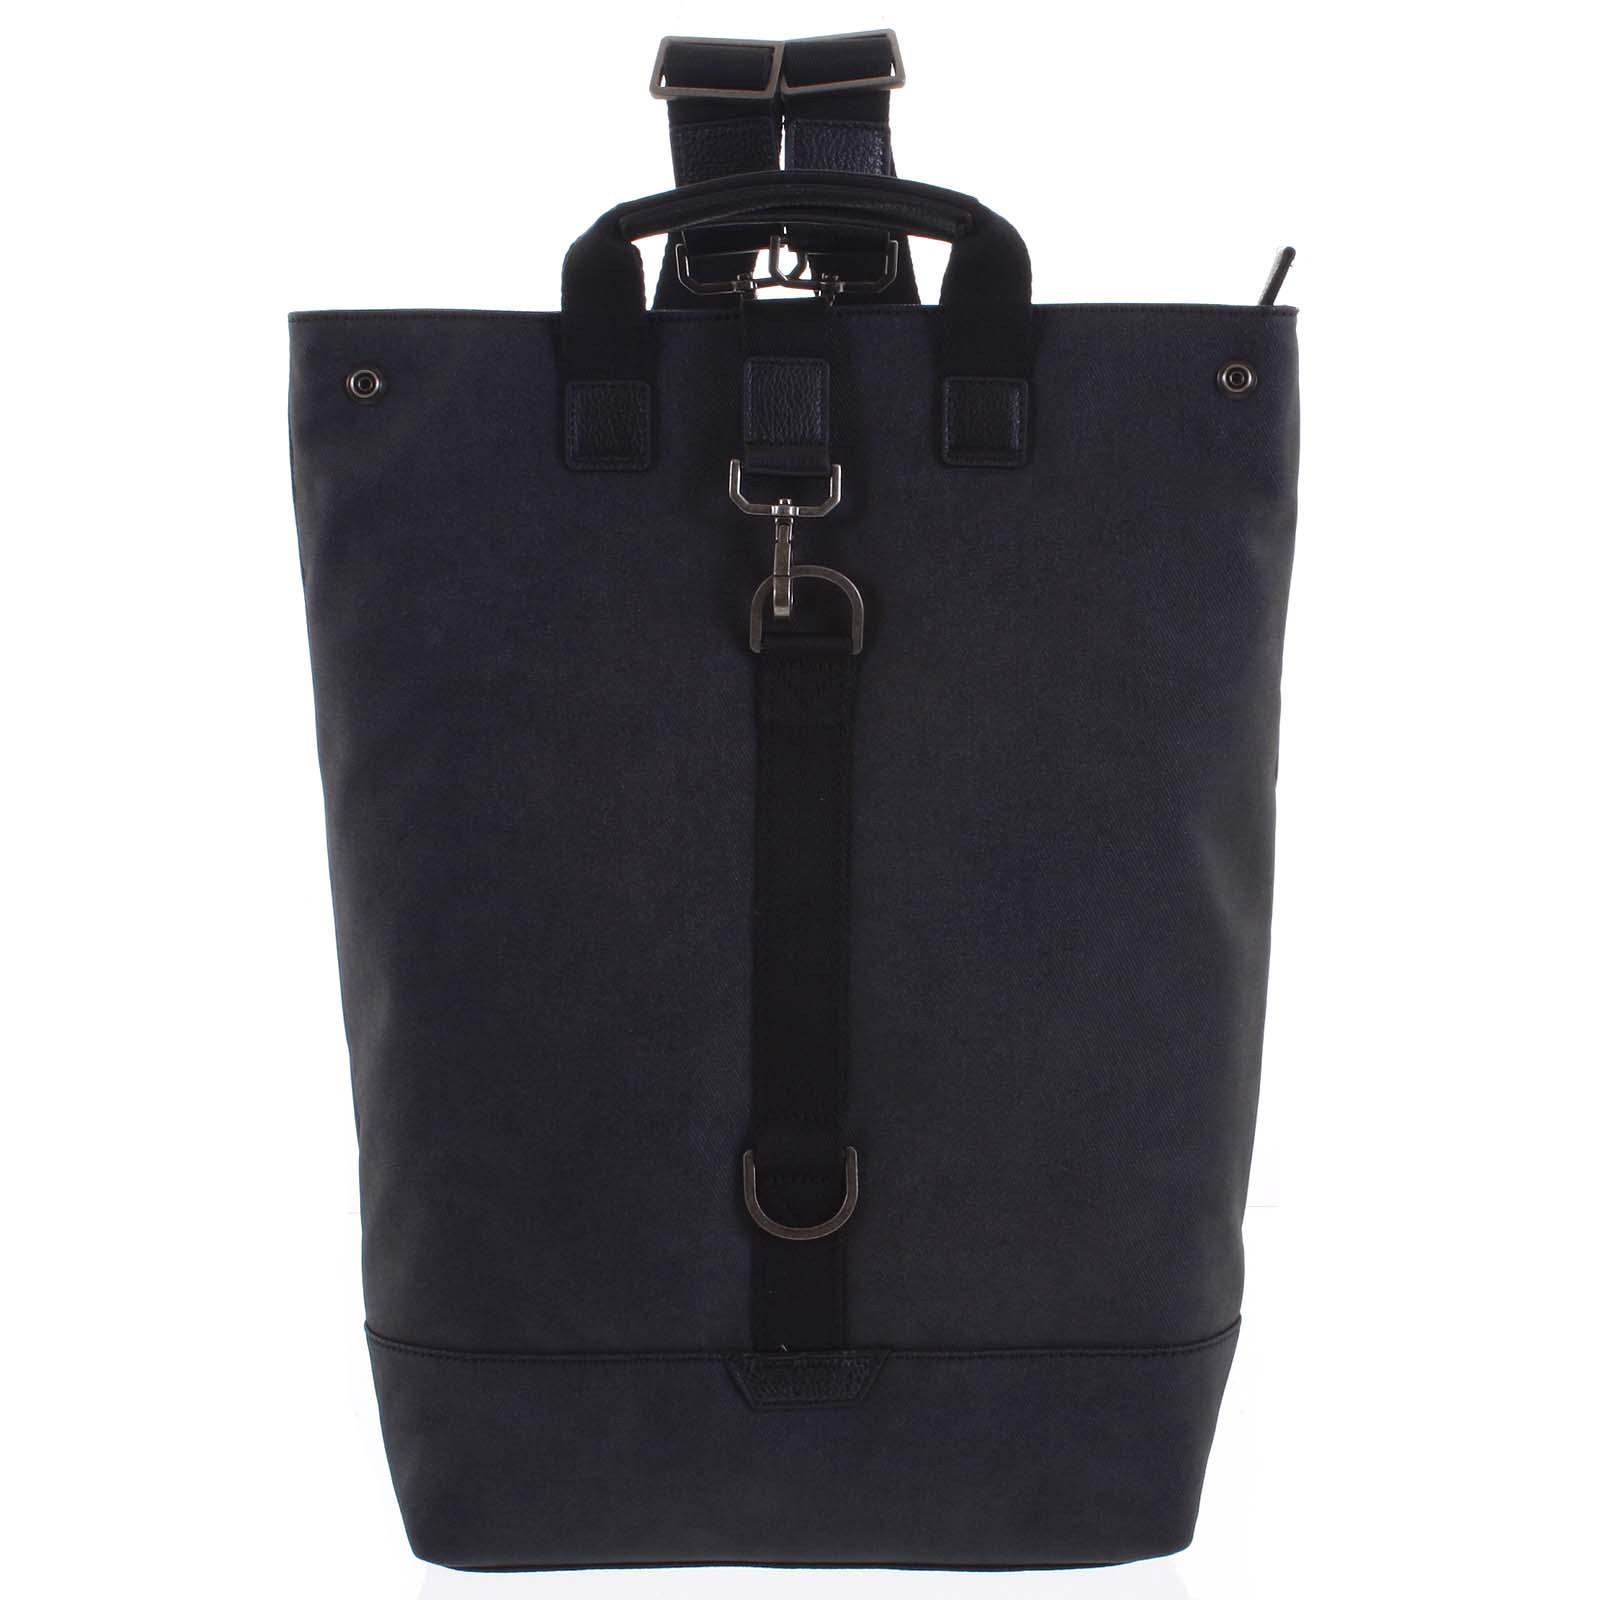 Pánsky veľký batoh čierny - Hexagona Adrien